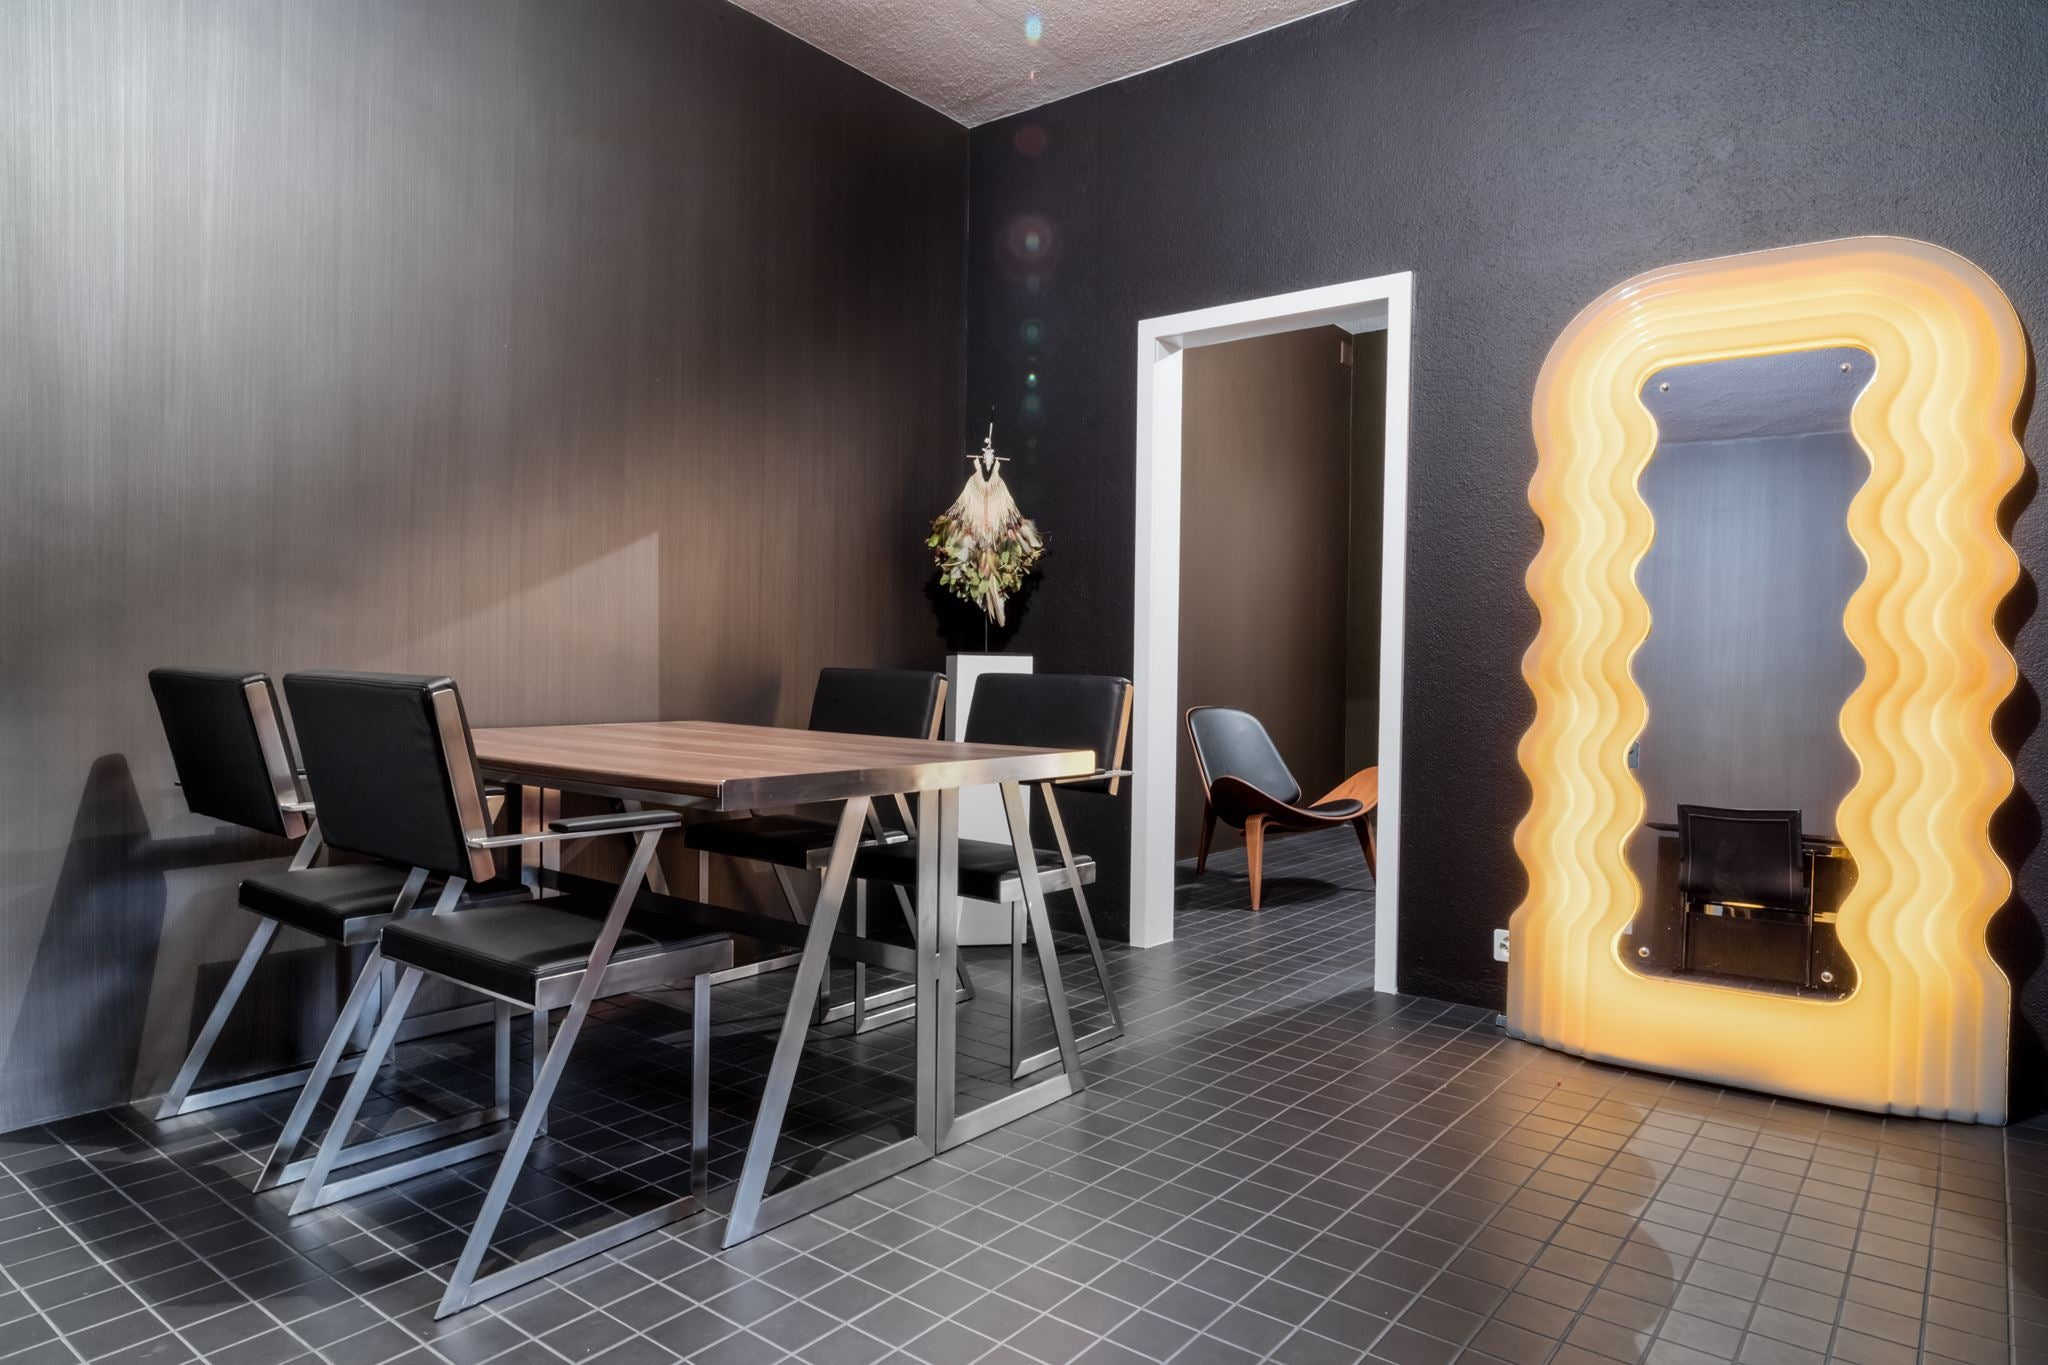 Zalaba Design - Bruttisellen 8306 - 1stdibs